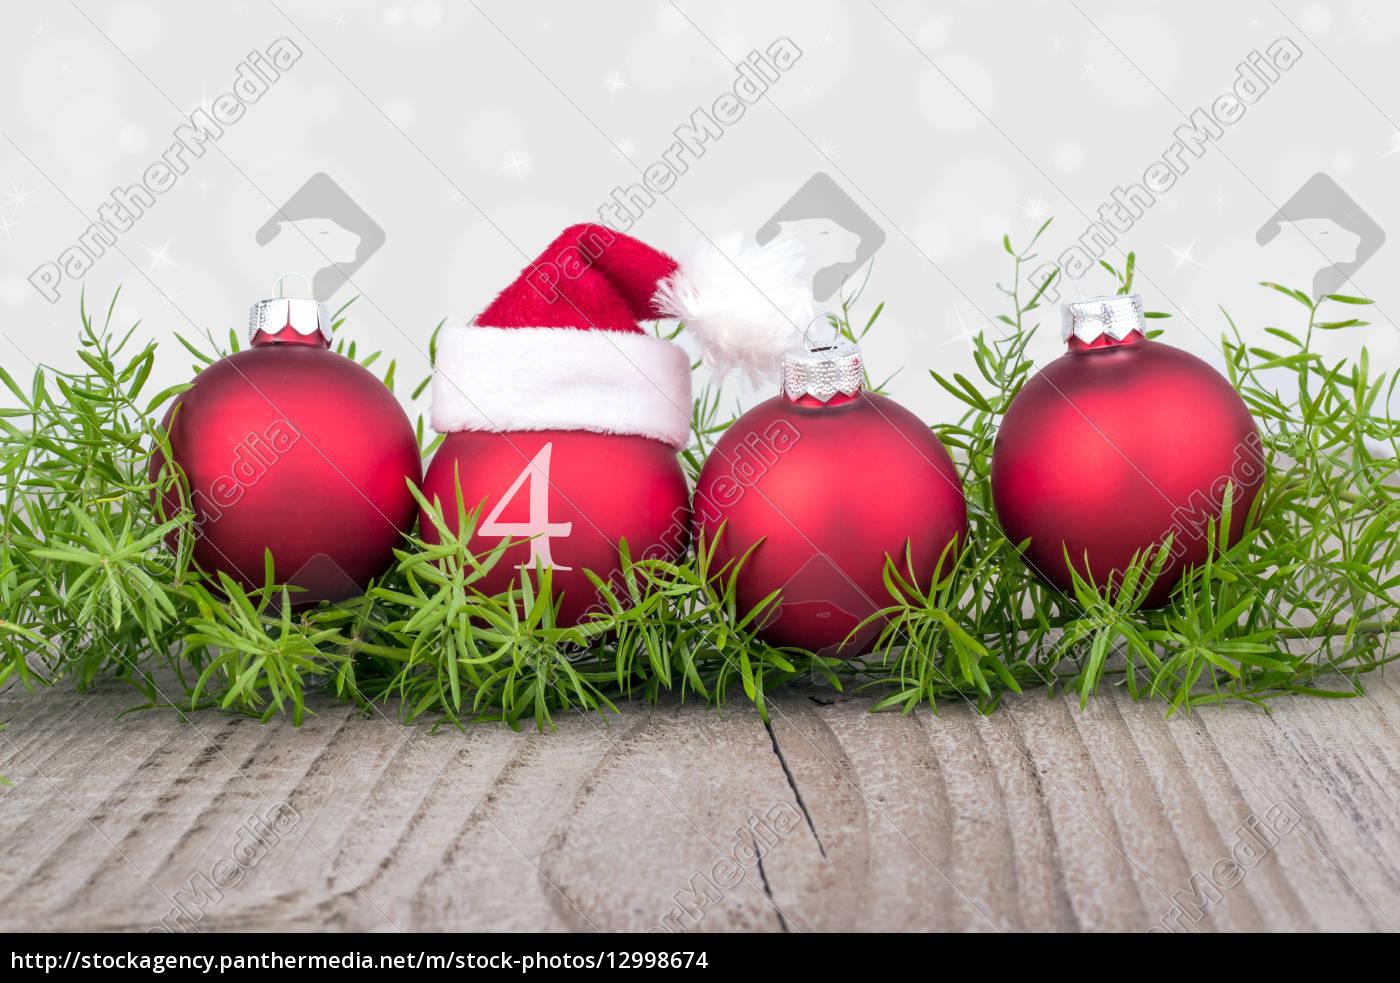 tafel, winter, holz, hut, advent, vorweihnachtszeit - 12998674